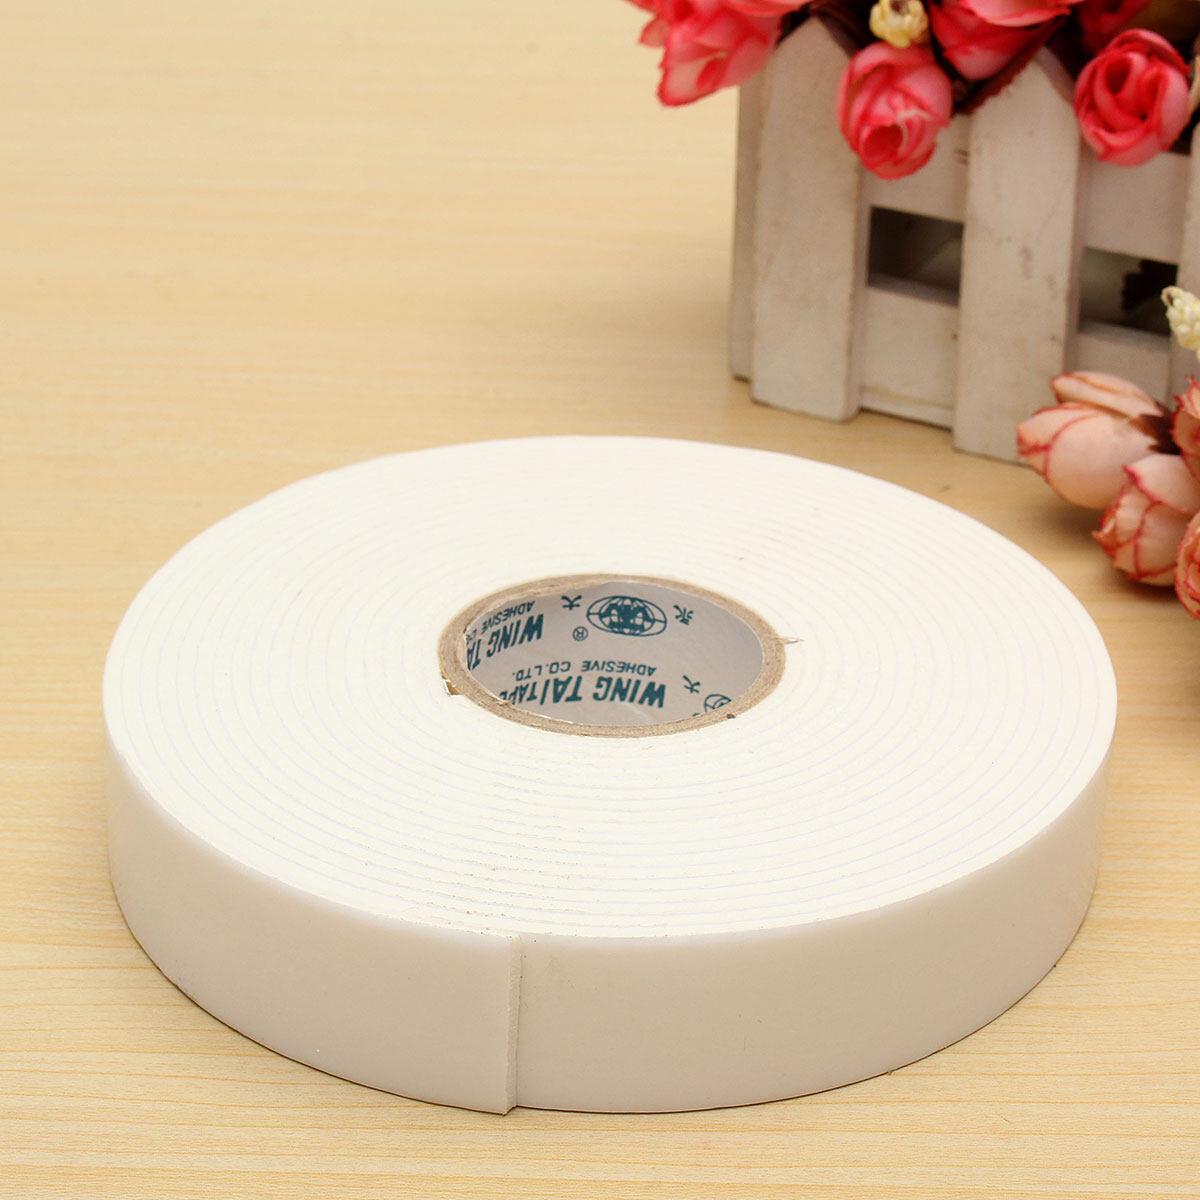 40553 Seifenspender für Spüle Küche Grohe Spülmittelspender Zedra chrom